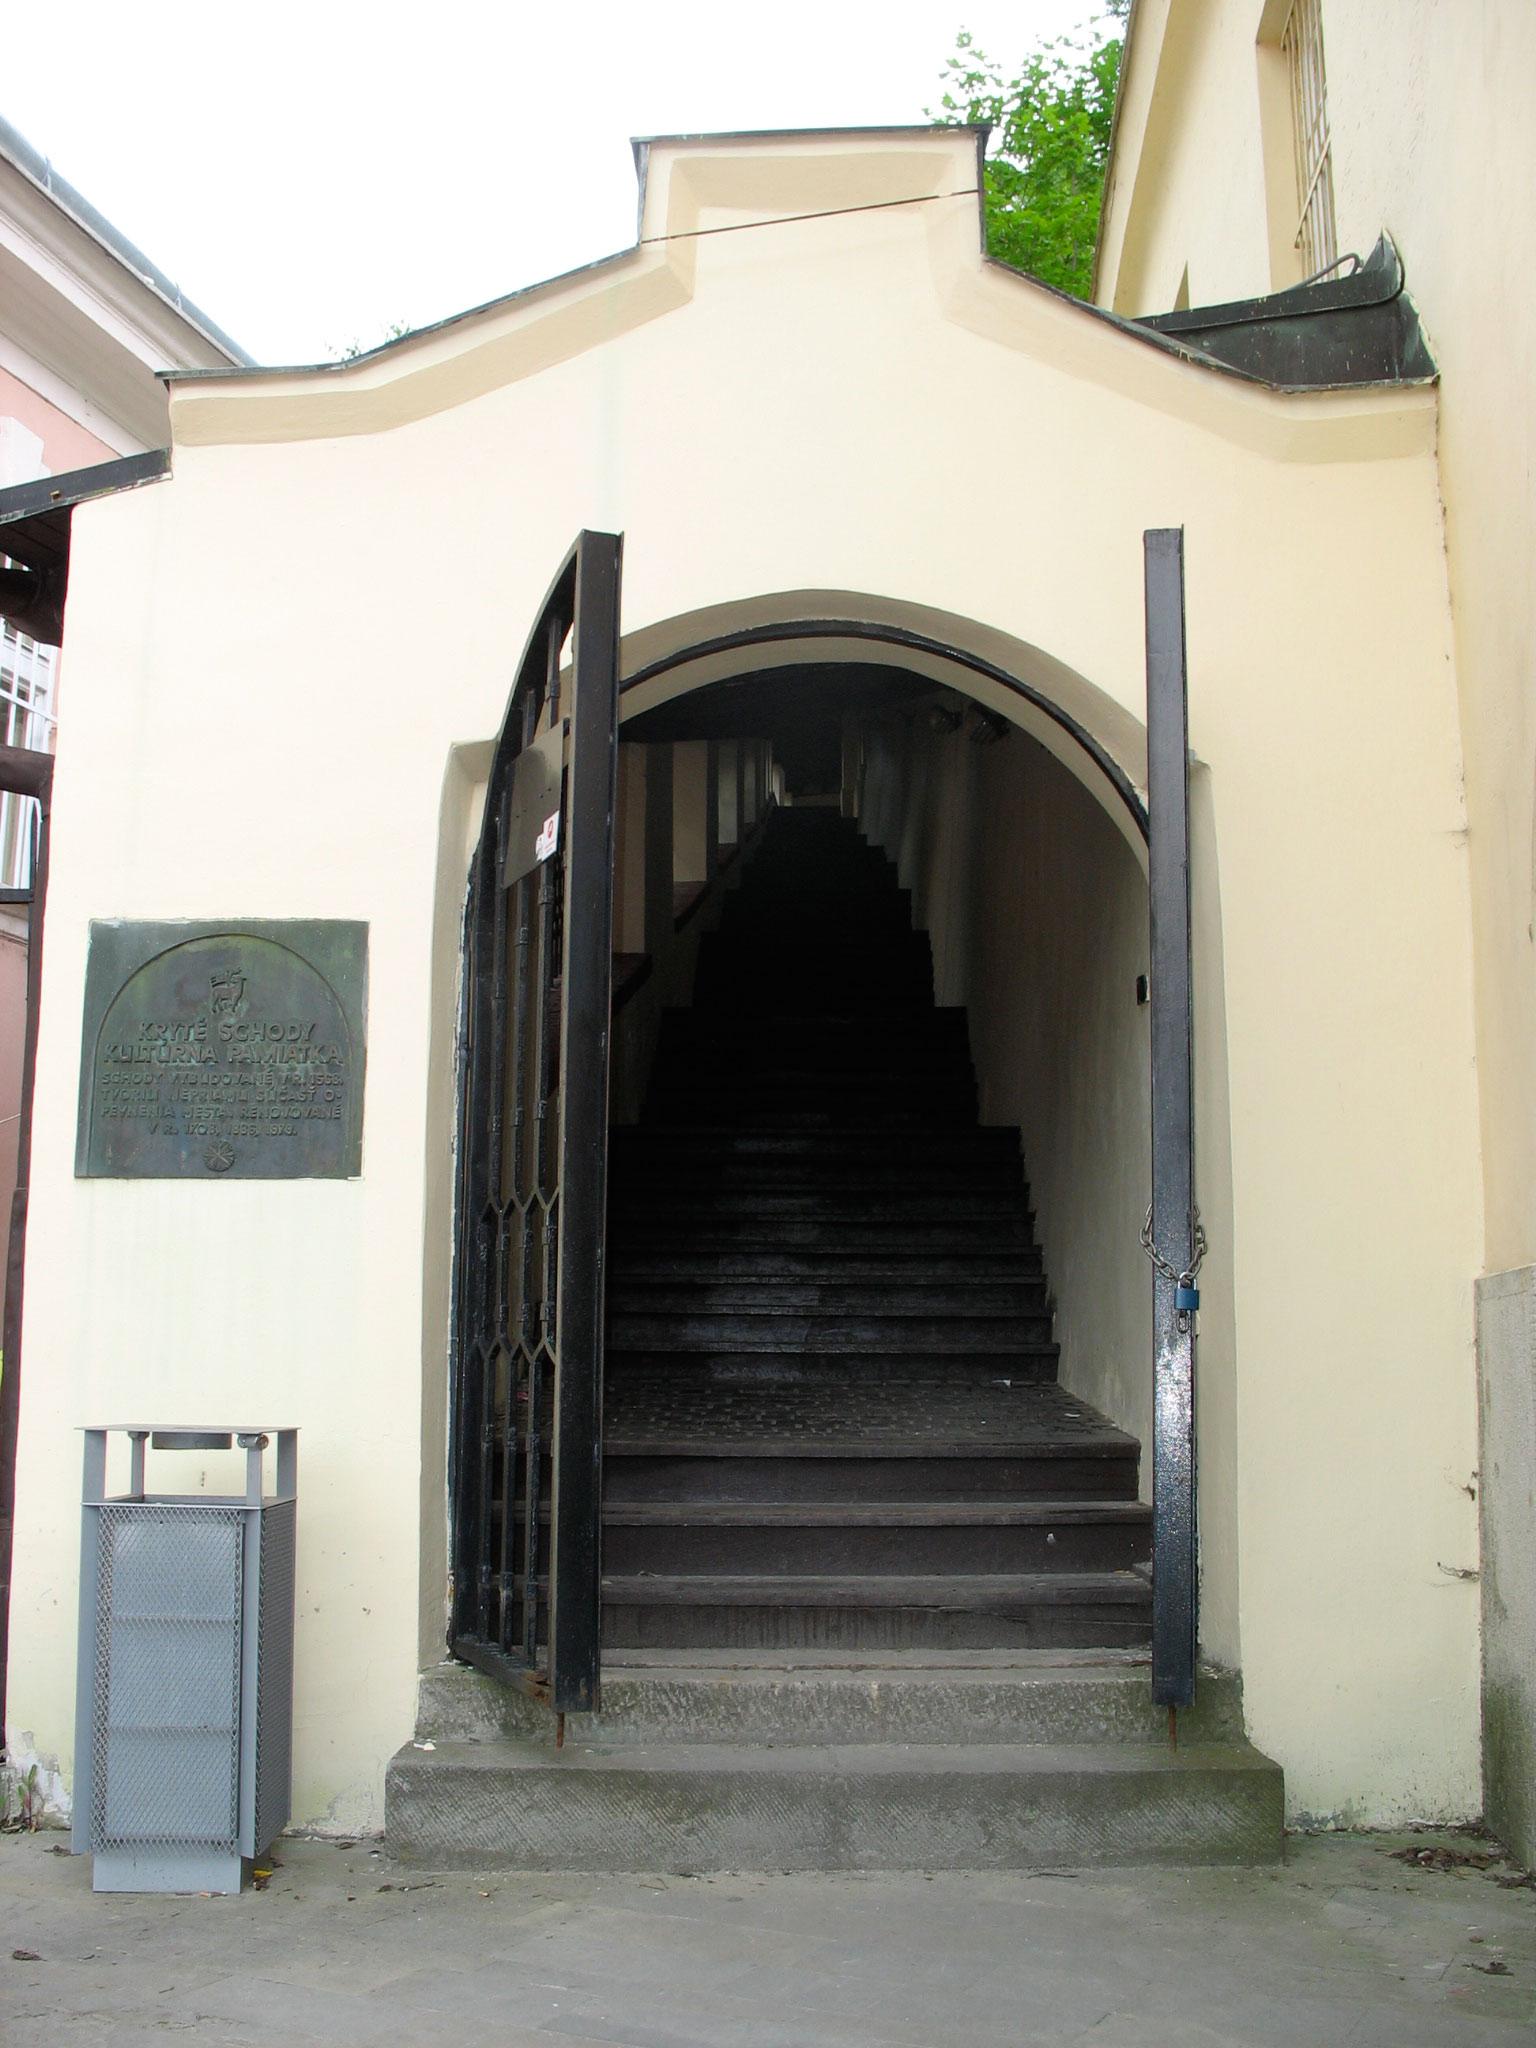 Farské schody a socha sv. Jána Nepomuckého